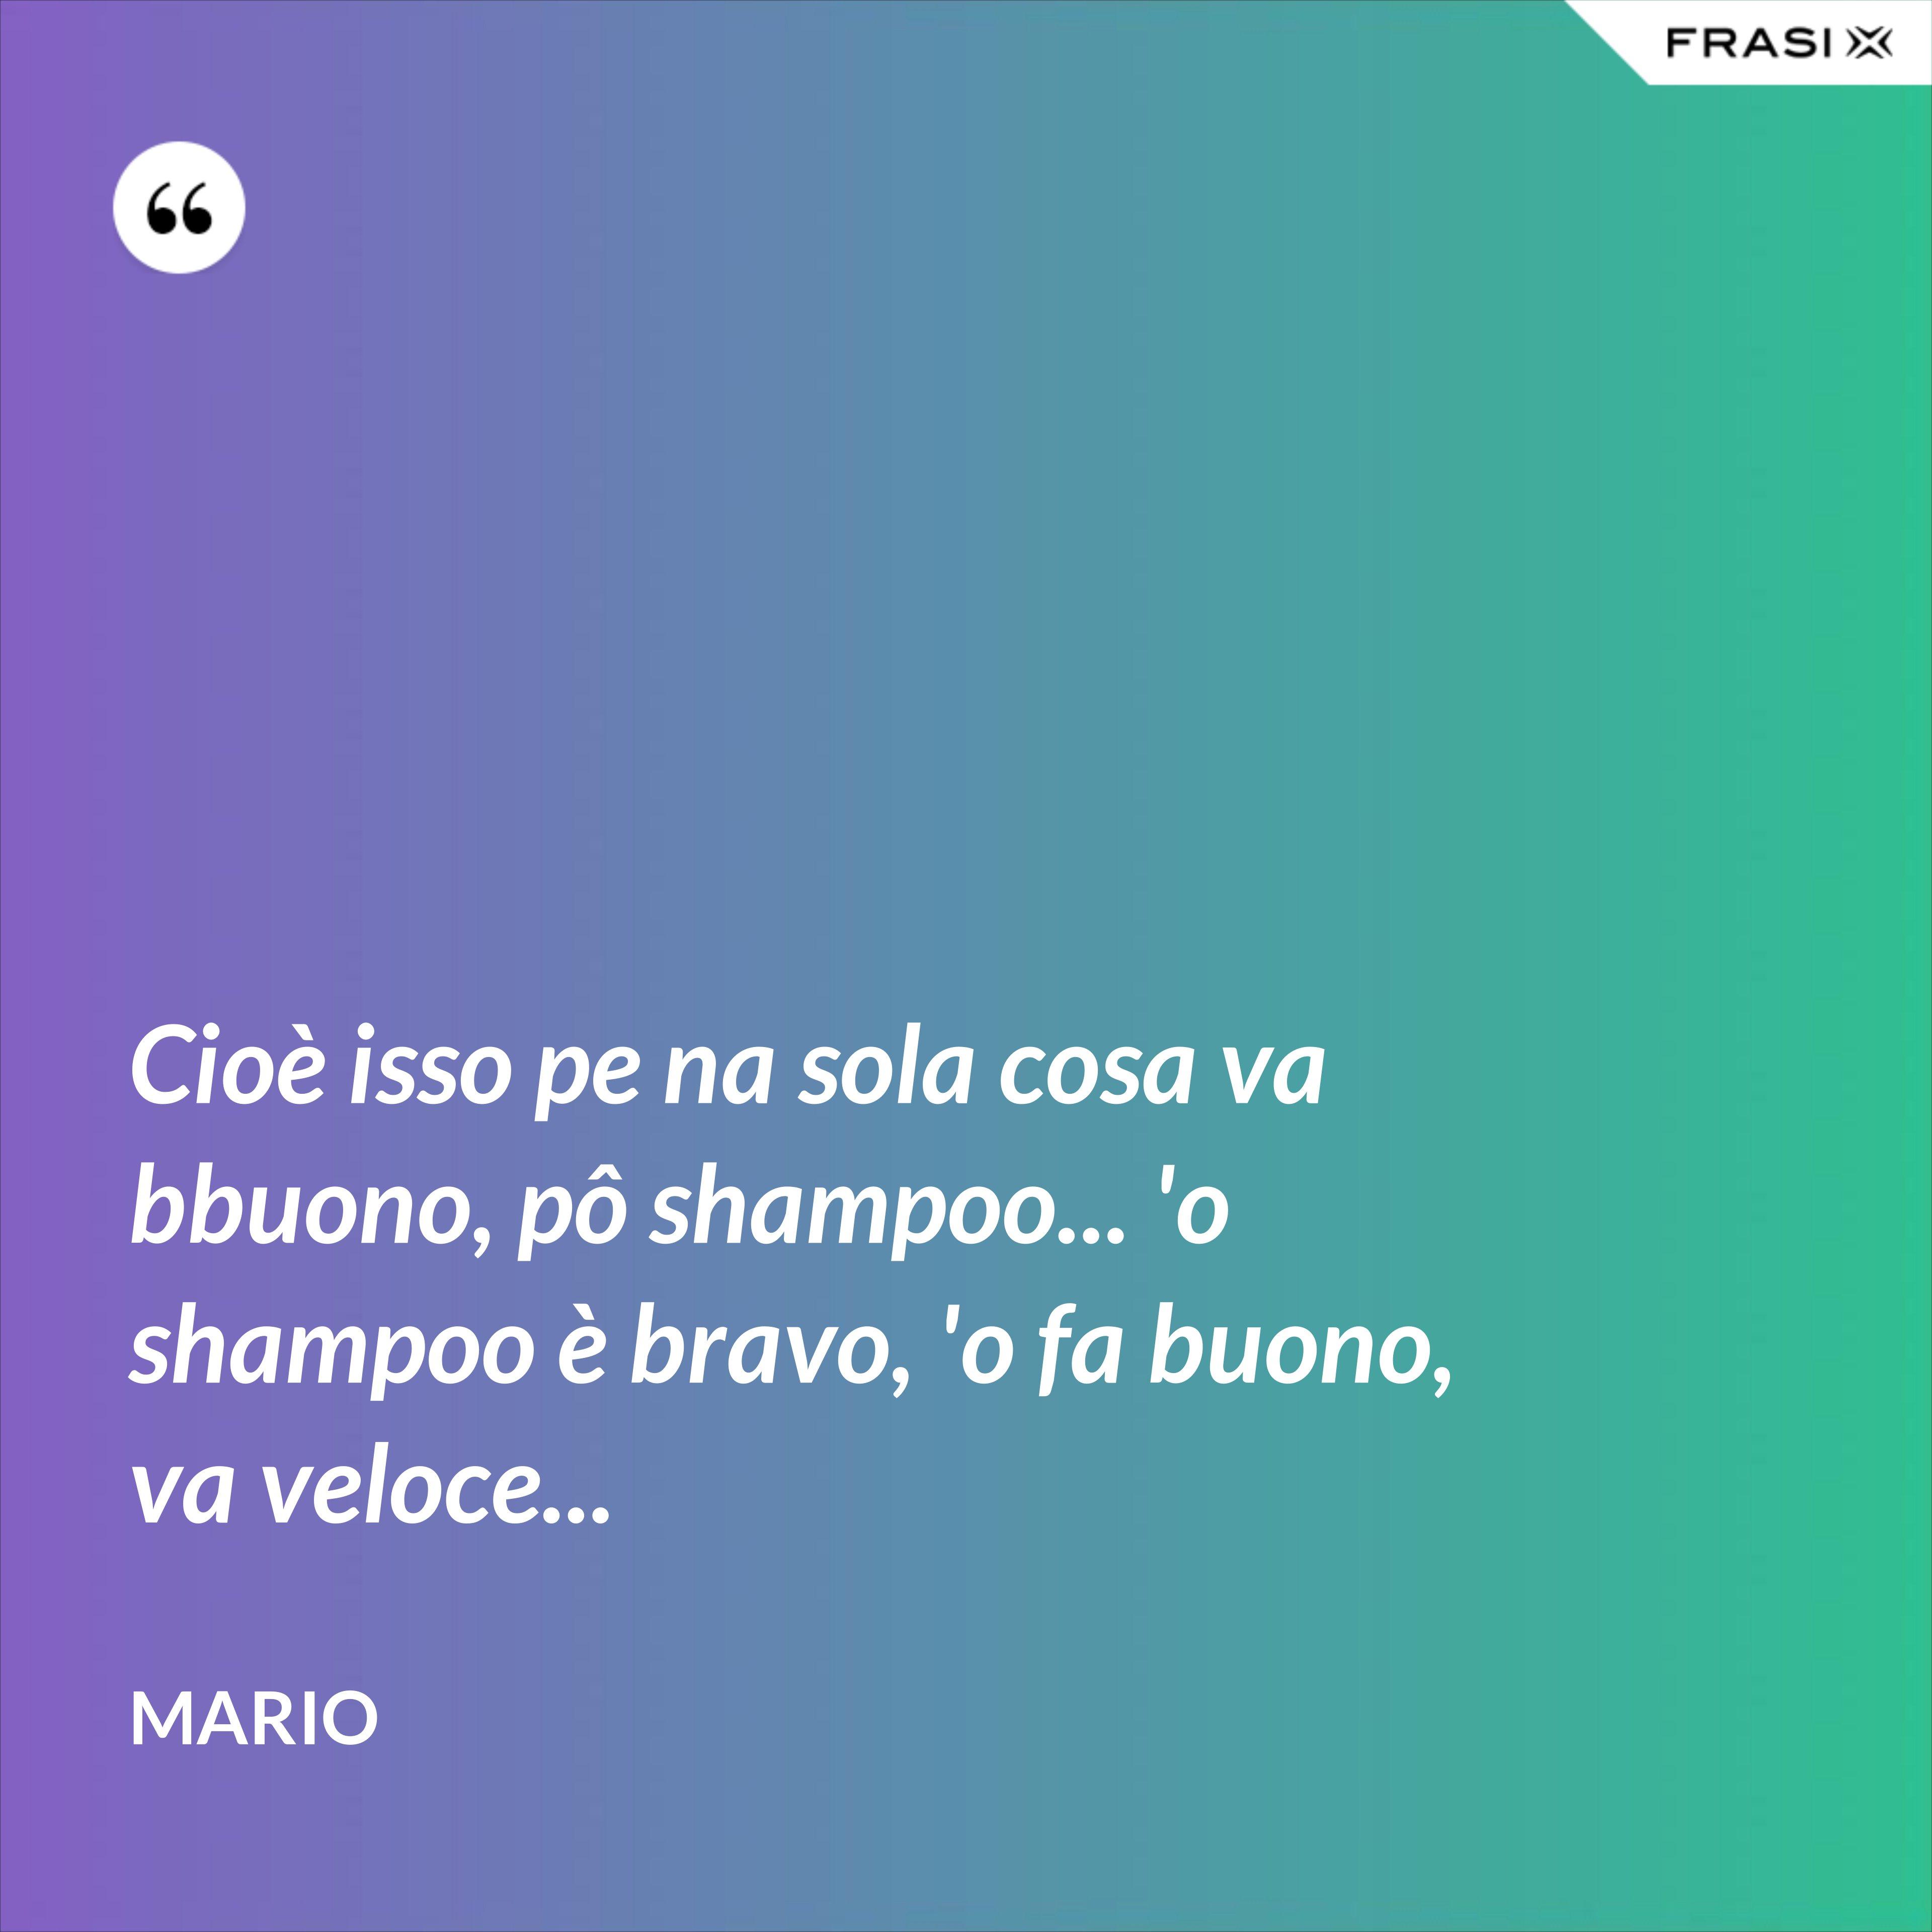 Cioè isso pe na sola cosa va bbuono, pô shampoo... 'o shampoo è bravo, 'o fa buono, va veloce... - Mario